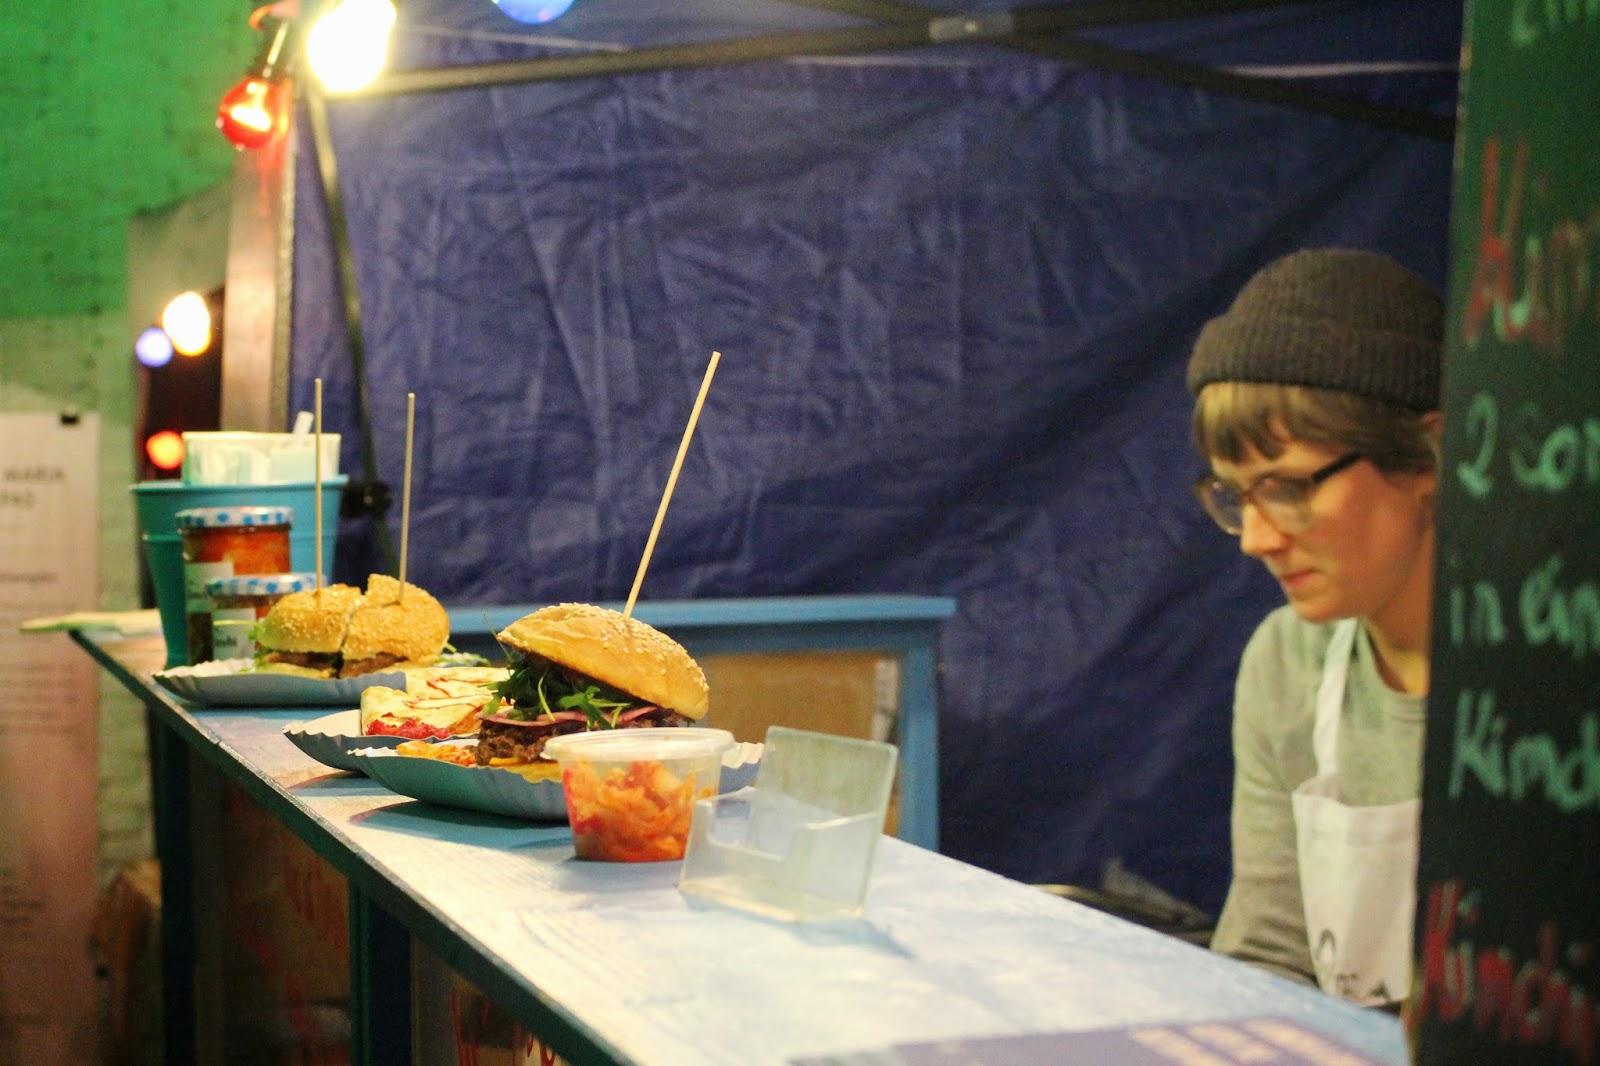 kuchenfee street food festival in k ln warten essen von urlaub tr umen. Black Bedroom Furniture Sets. Home Design Ideas